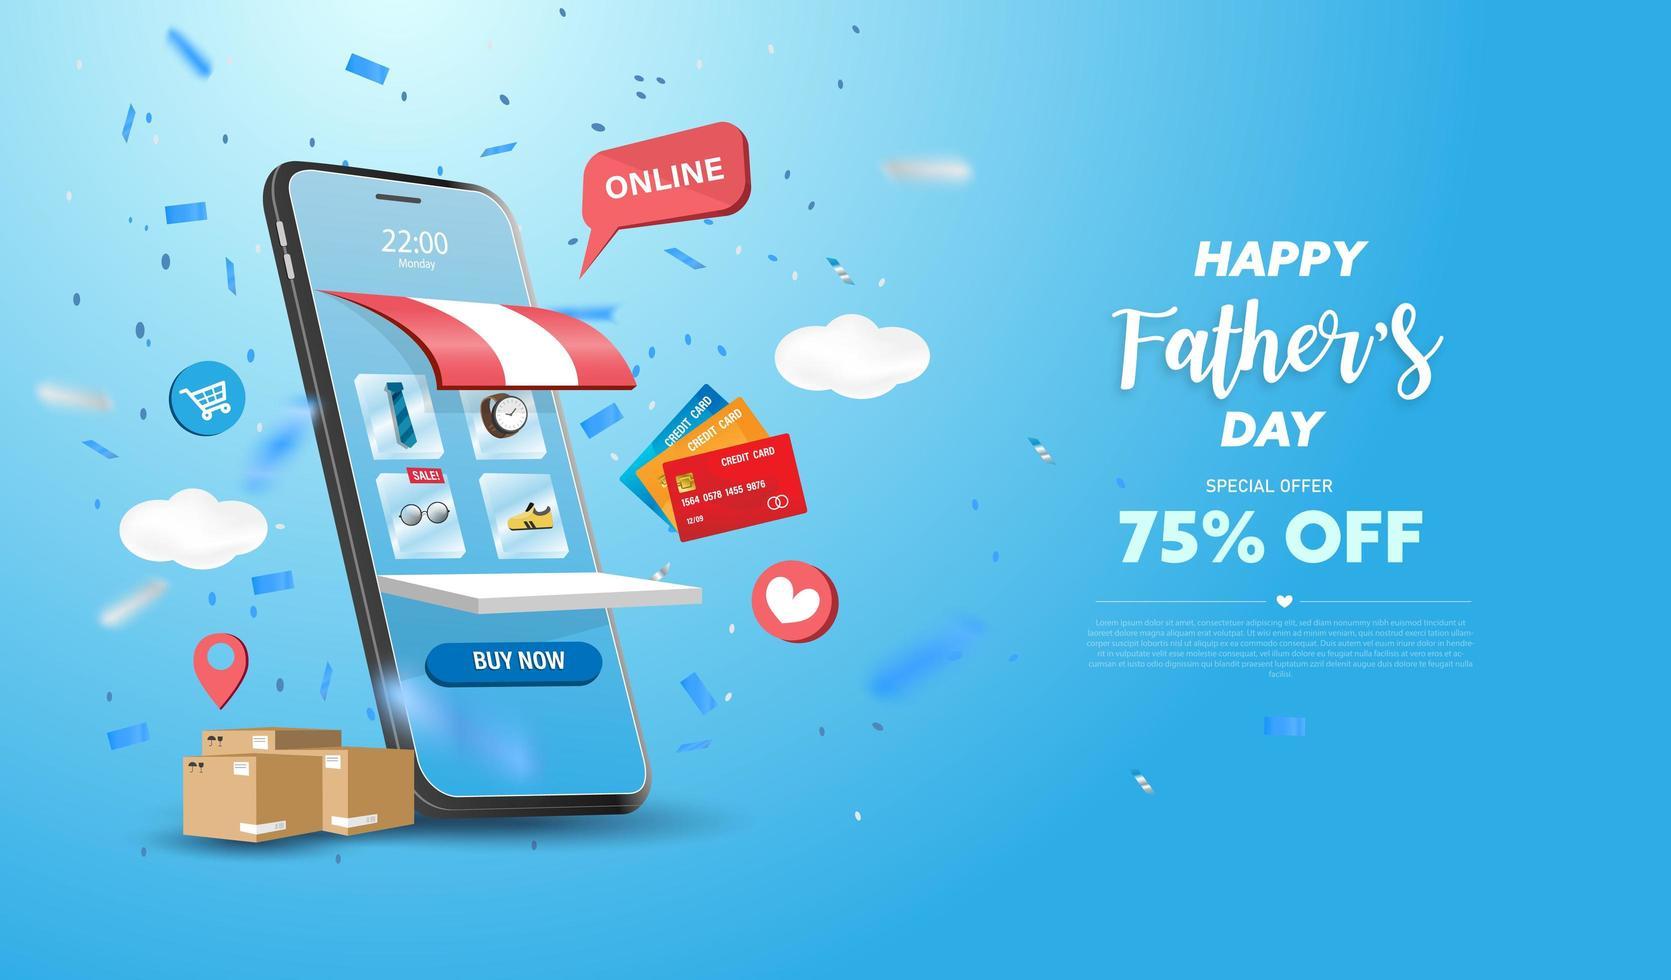 gelukkige vaderdag verkoop slimme telefoon spandoekontwerp vector